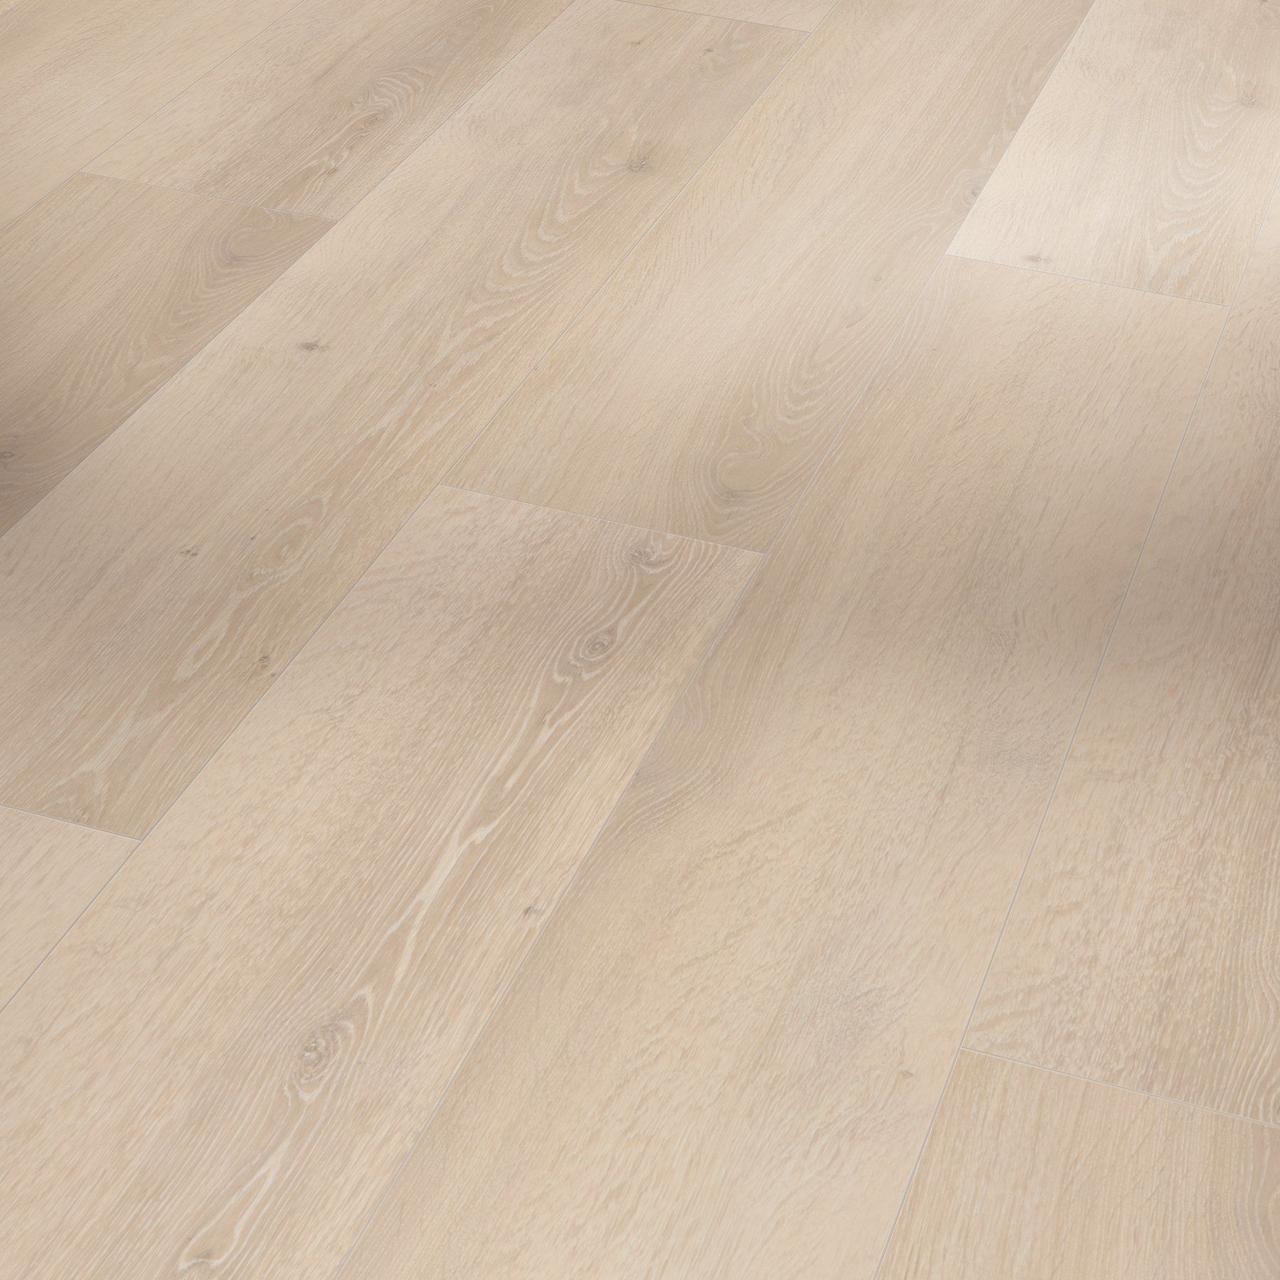 Вінілові покриття Parador Дуб Скайлайн білий браш (Oak Skyline white)